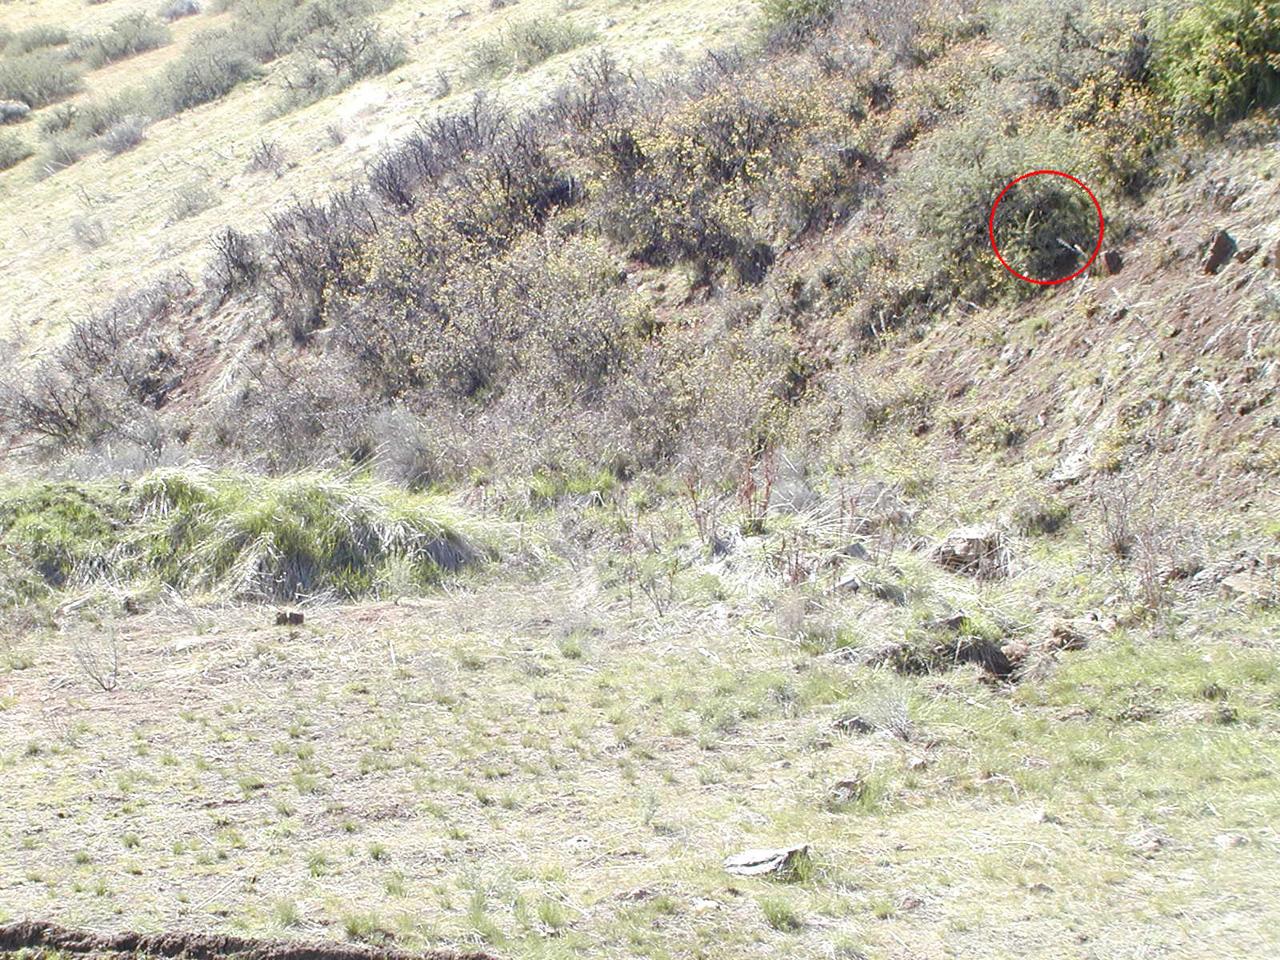 еще картинки где снайпер выкройка для начинающих